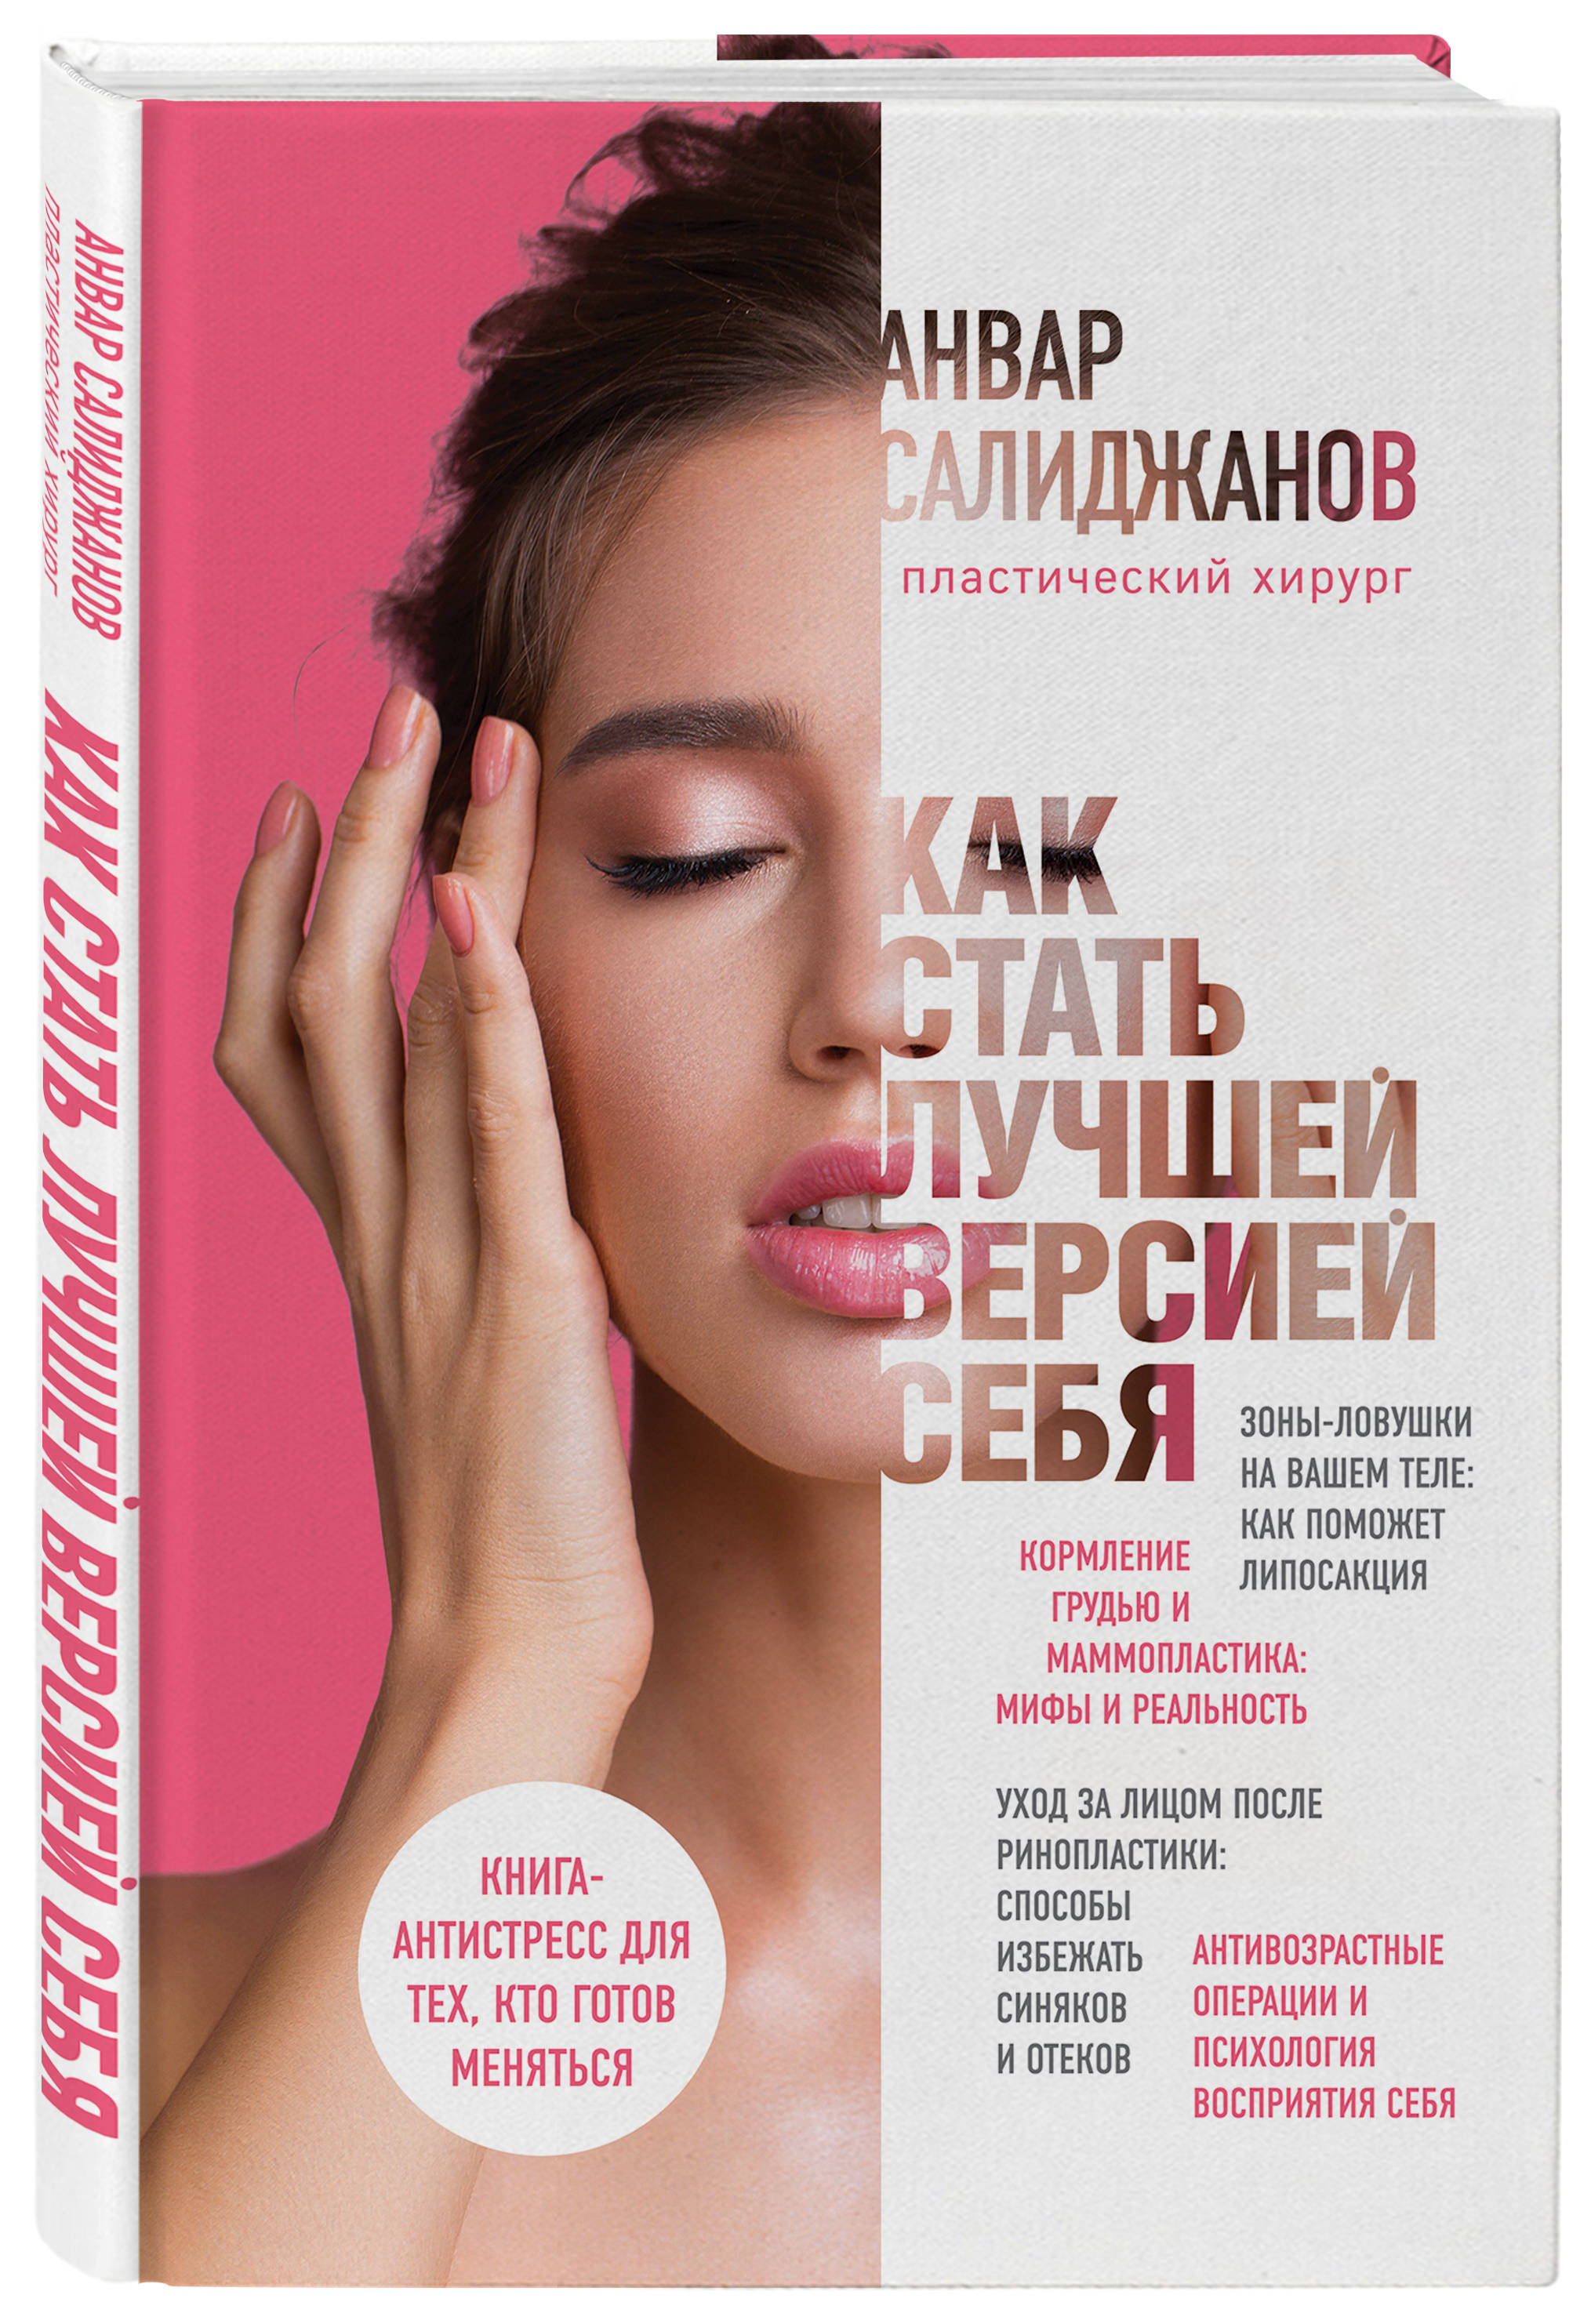 А.Ш. Салиджанов Как стать лучшей версией себя. Книга-антистресс для тех, кто готов меняться